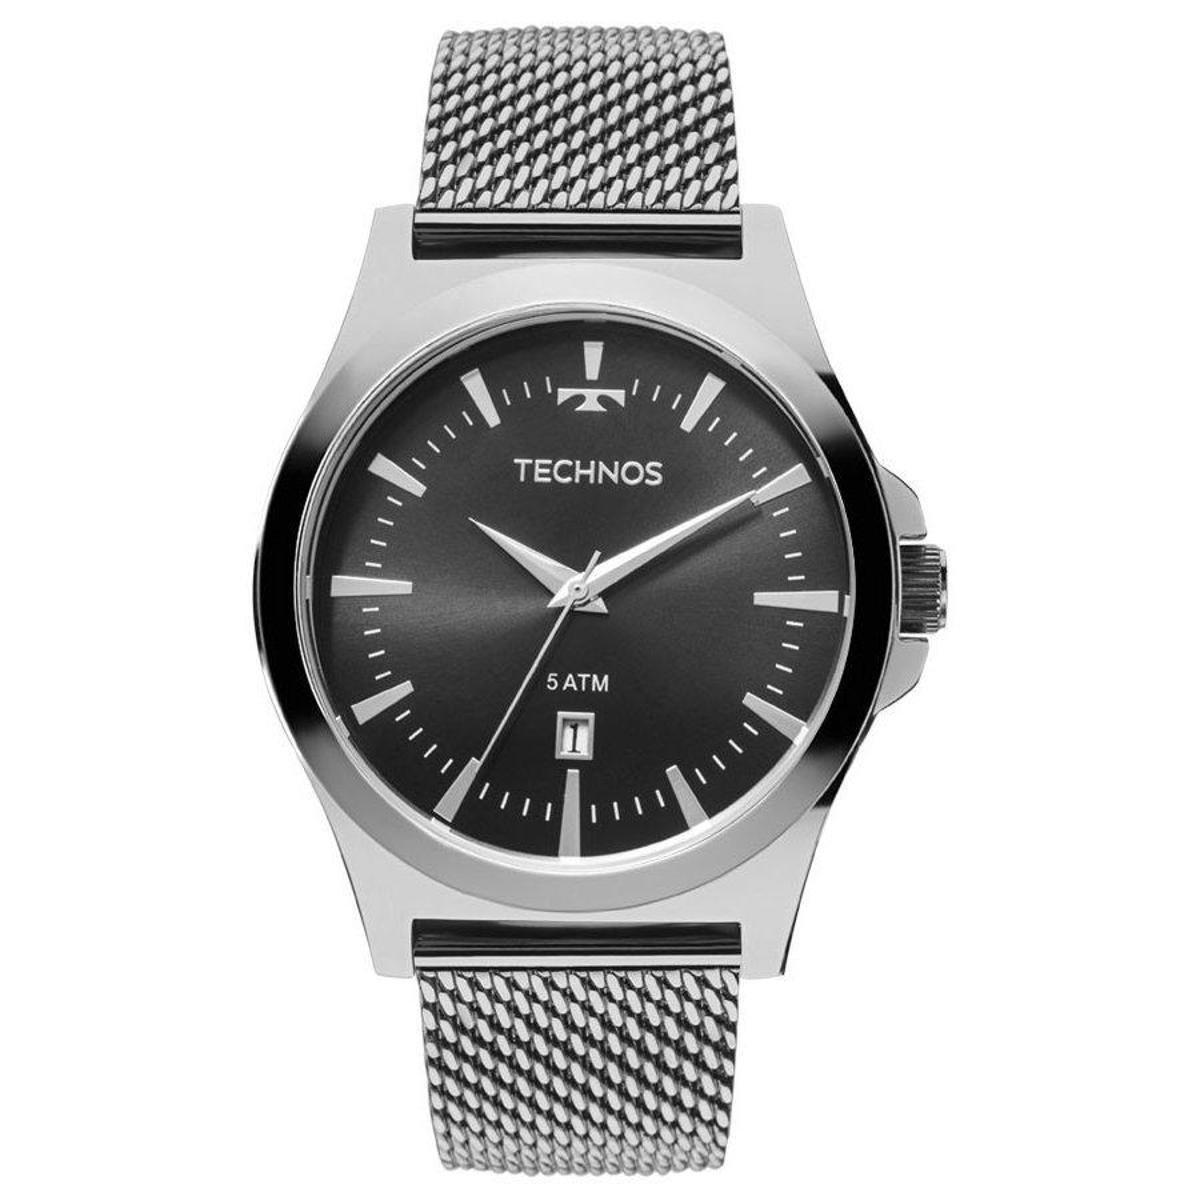 c6958535a44 Relógio Technos Masculino 2115LAL 0P - Prata - Compre Agora